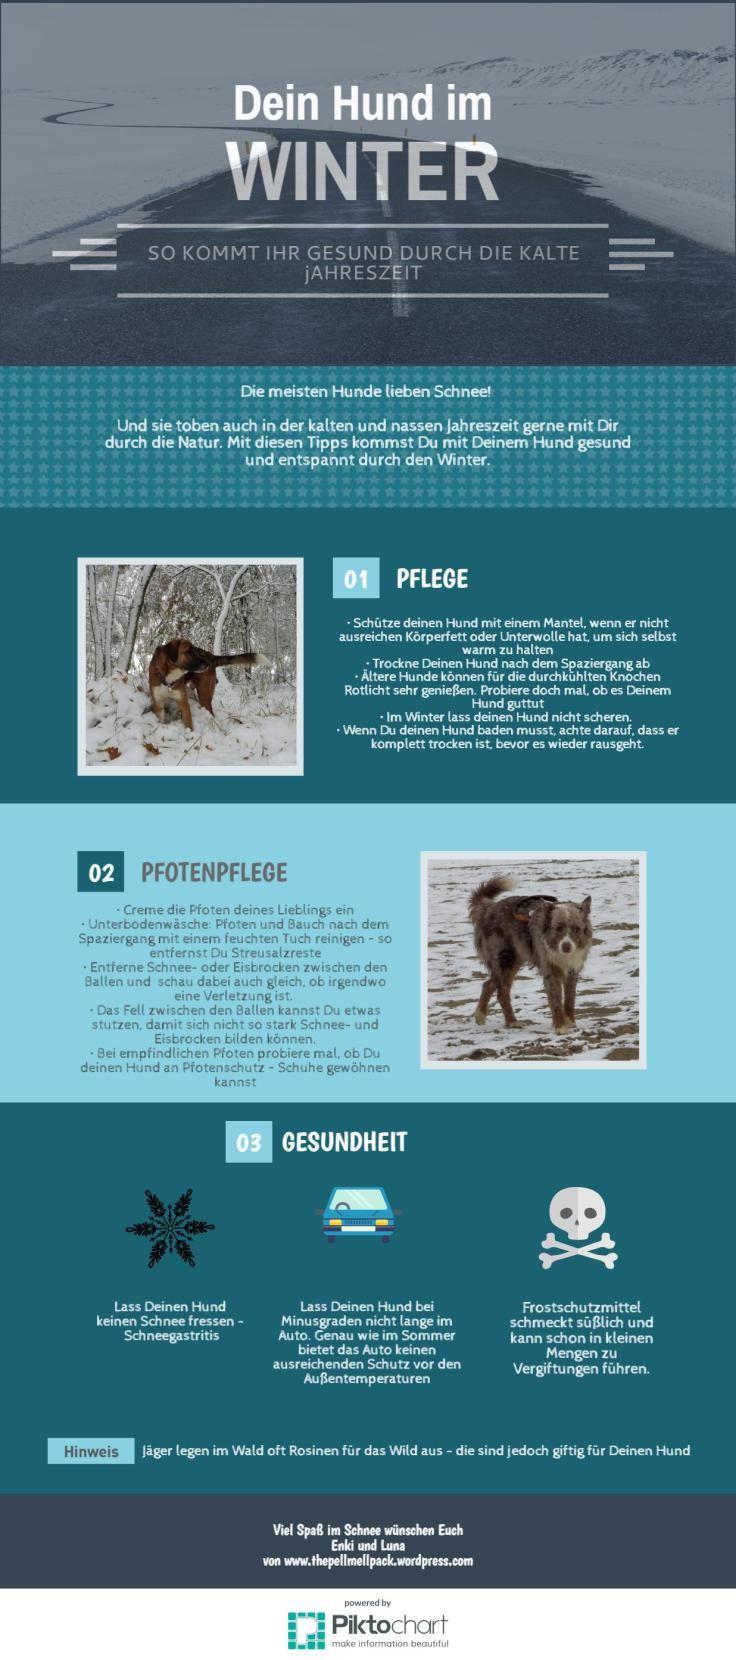 Dein Hund im Winter -- So kommt ihr gesund durch die kalte Jahreszeit | www.thepellmellpack.wordpress.com